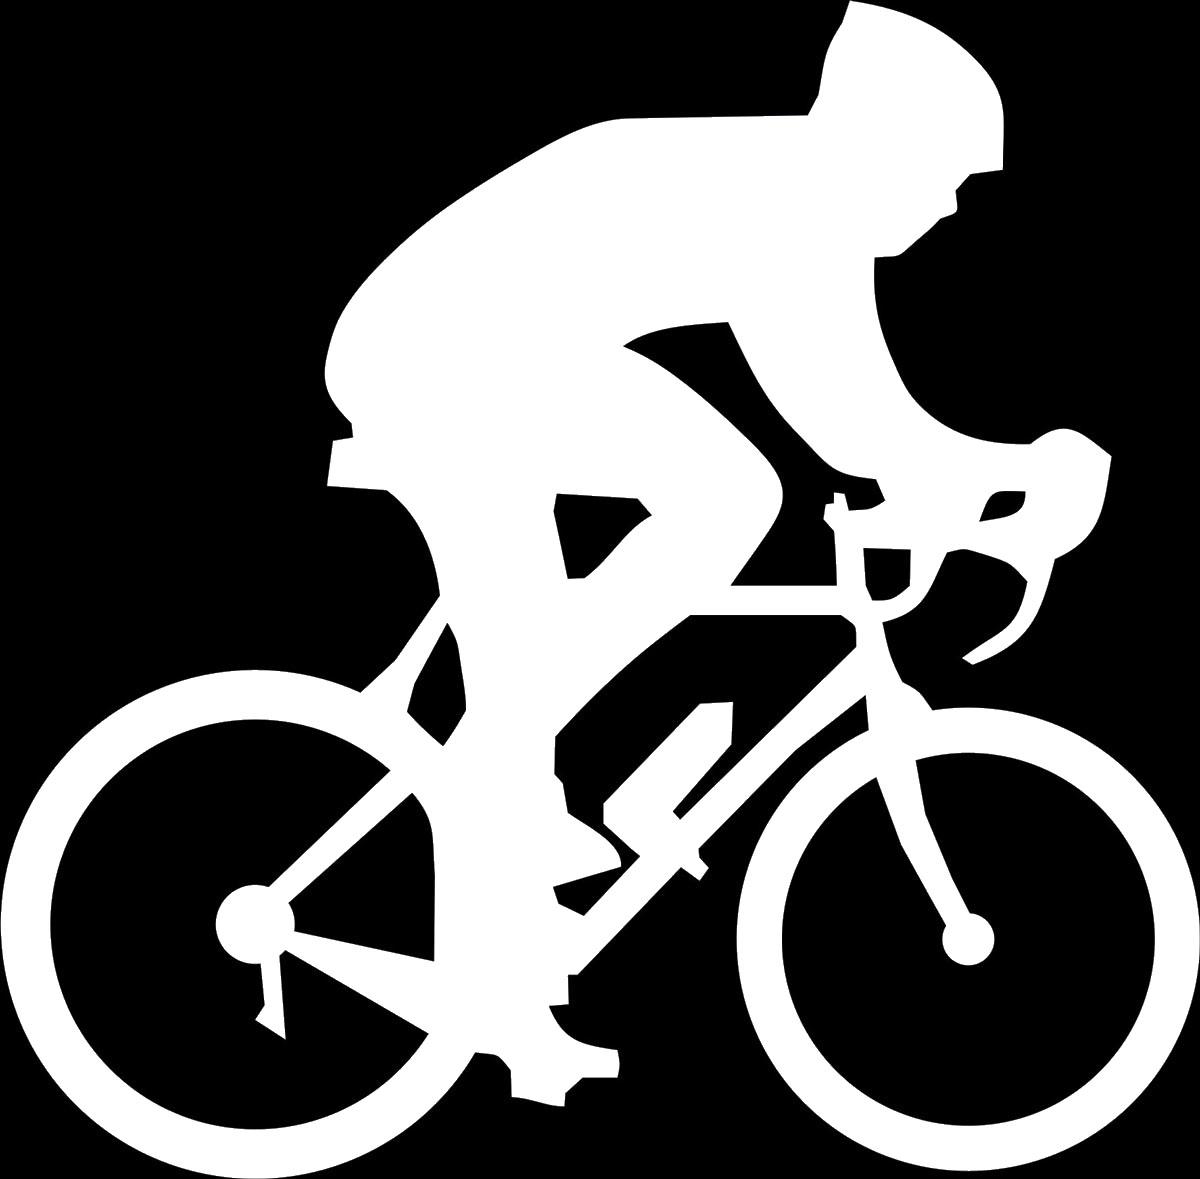 Наклейка автомобильная Оранжевый слоник Велосипедист 1, виниловая, цвет: белыйCA-3505Оригинальная наклейка Оранжевый слоник Велосипедист 1 изготовлена из высококачественного винила, который выполняет не только декоративную функцию, но и защищает кузов от небольших механических повреждений, либо скрывает уже существующие.Виниловые наклейки на авто - это не только красиво, но еще и быстро! Всего за несколько минут вы можете полностью преобразить свой автомобиль, сделать его ярким, необычным, особенным и неповторимым!